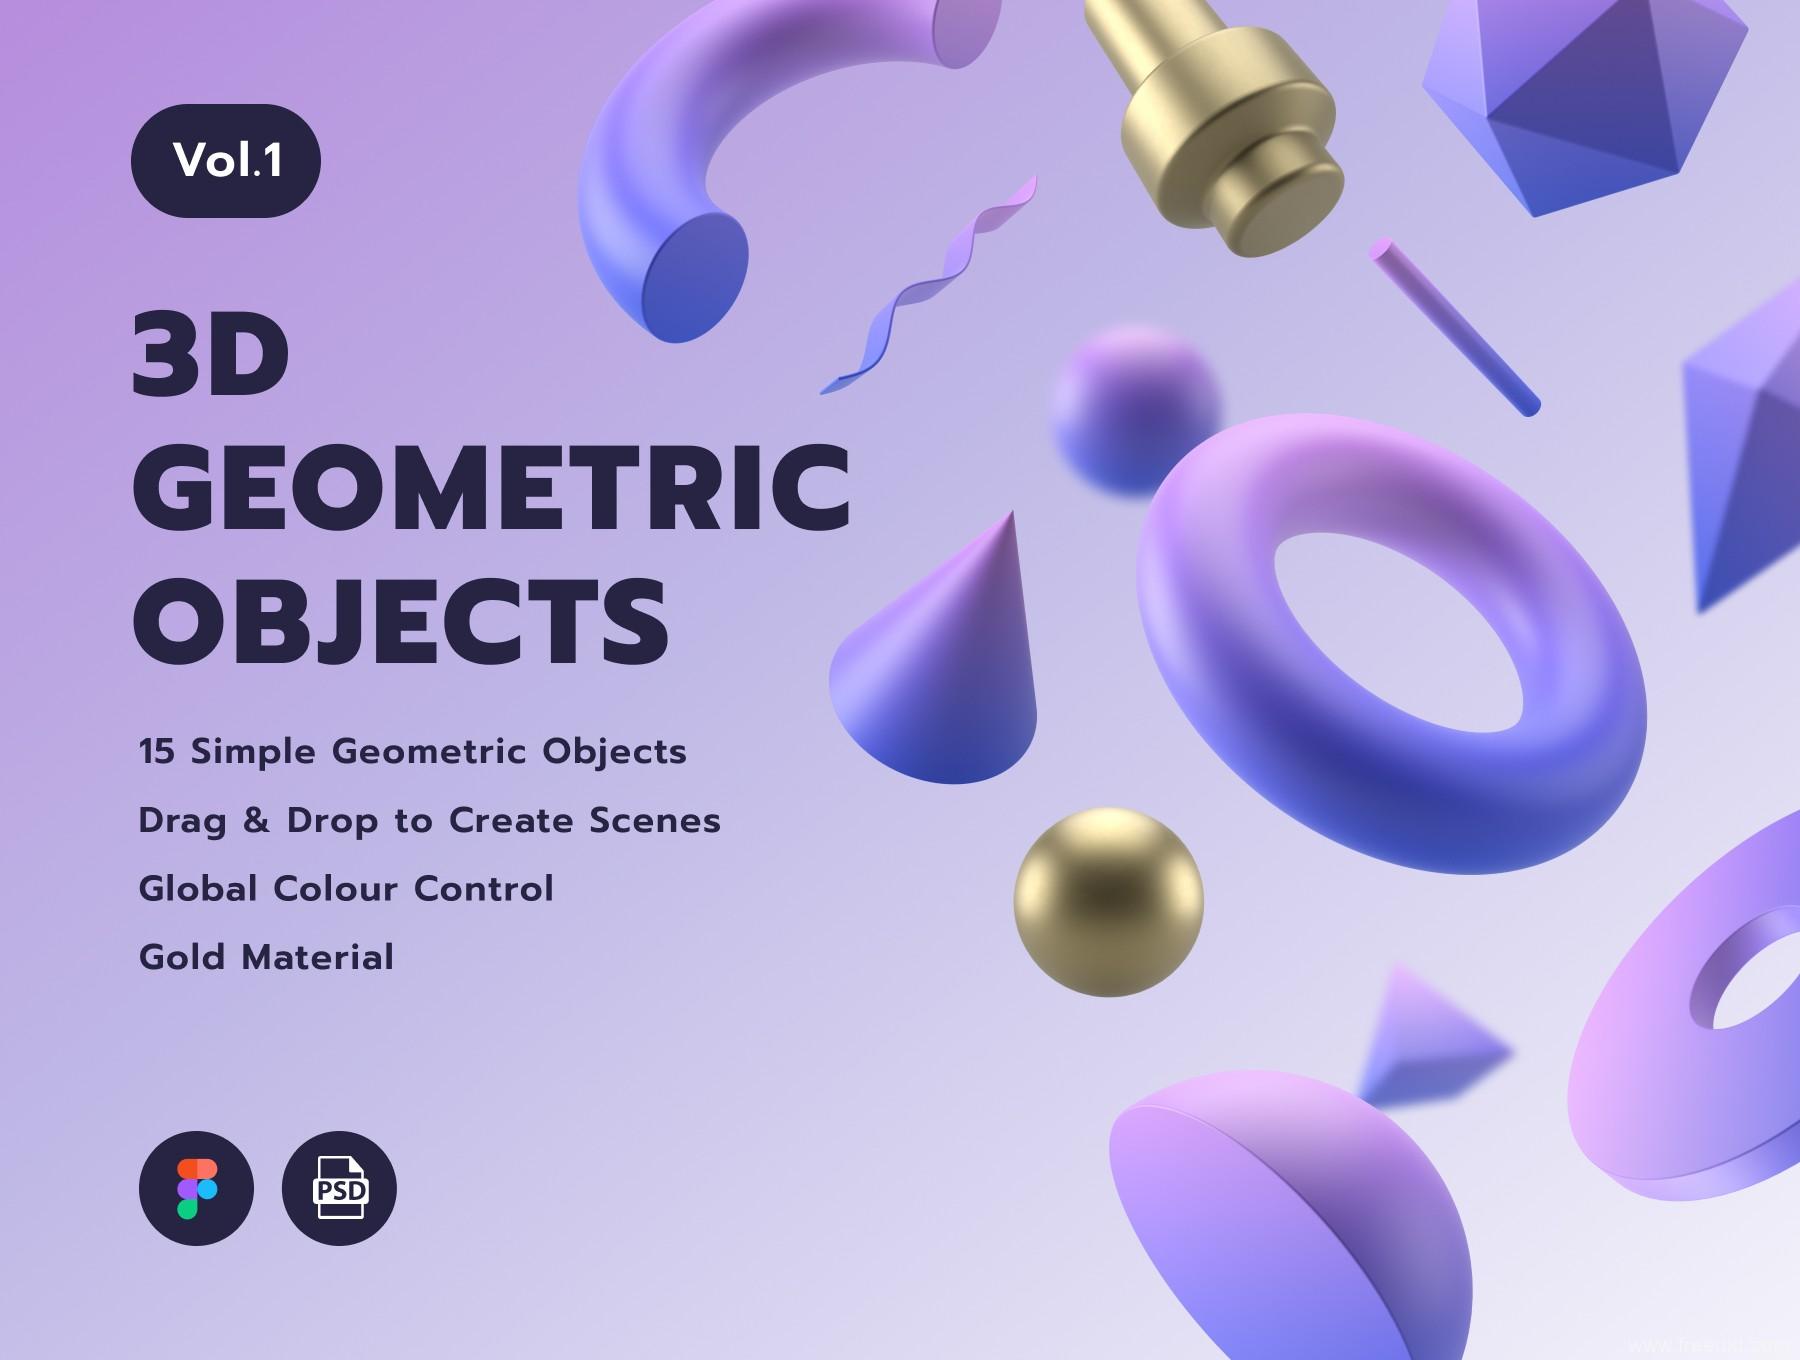 15个高端渐变色3D几何体模型插画素材,可用于作品集排版,酸性设计风格排版